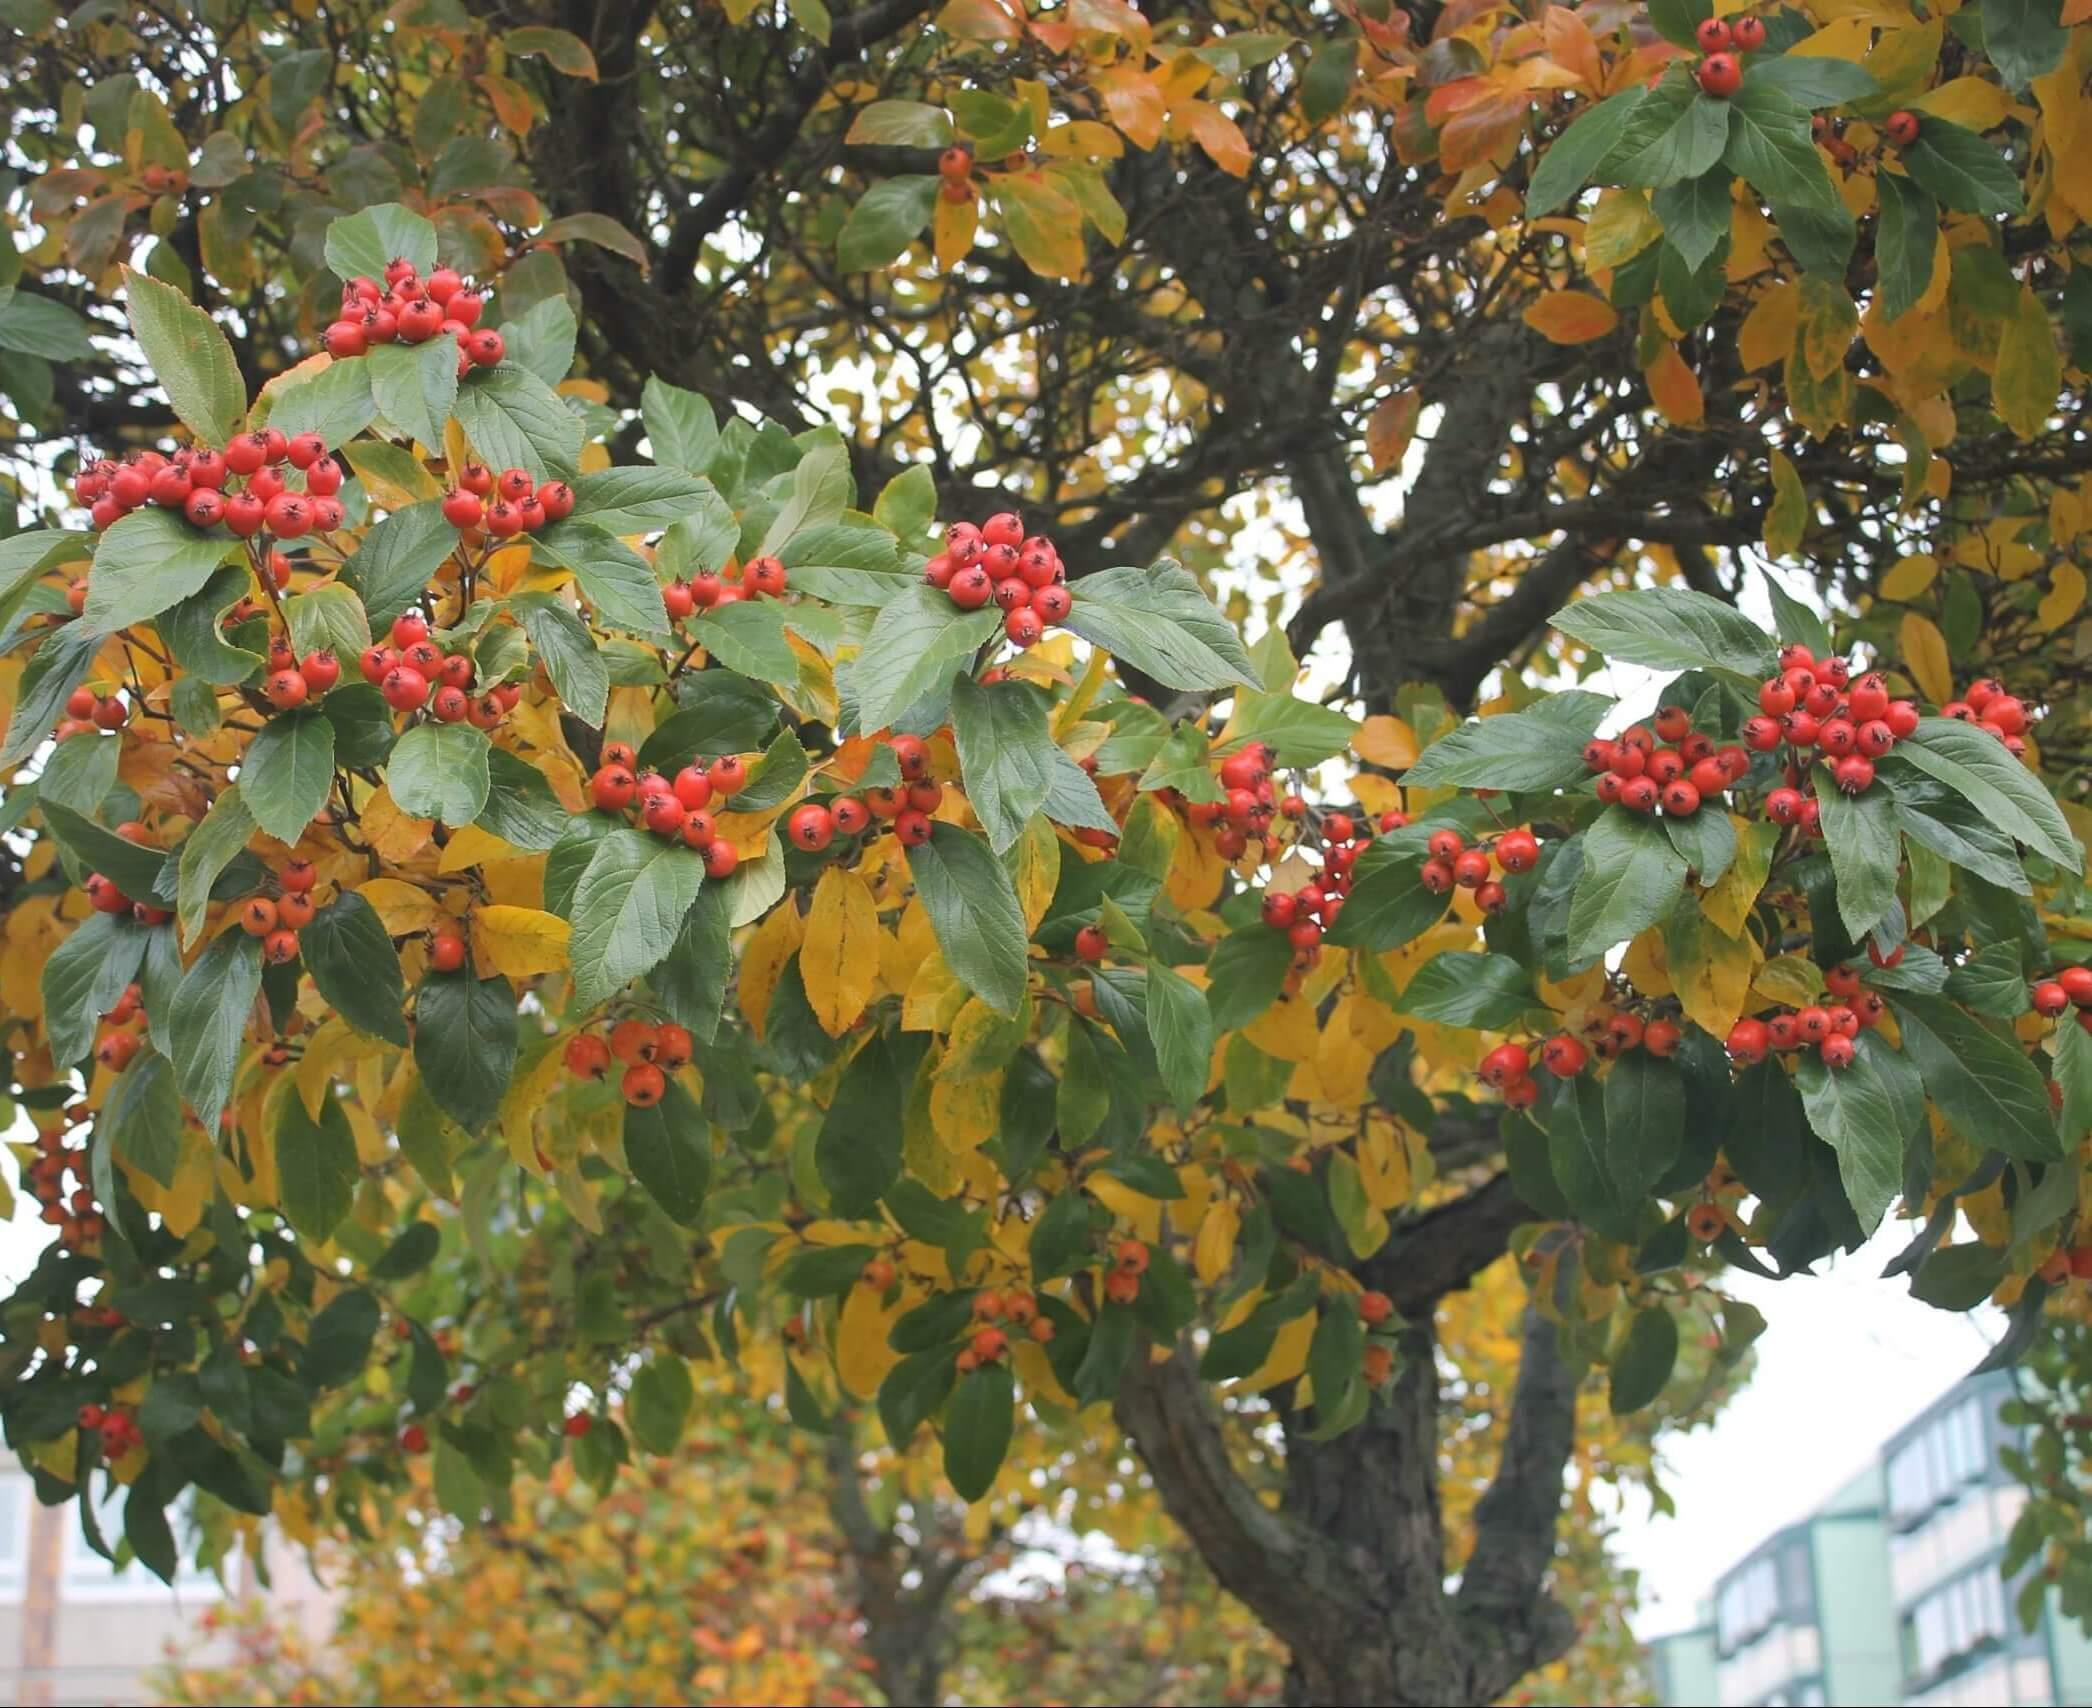 Das Bild zeigt die roten, in Rispen sitzenden Apfelfrüchte einer Gewöhnlichen Mehlbeere als Straßenrandbepflanzung am Pegasuseck/Einmündung Venusstraße im Kosmosviertel.